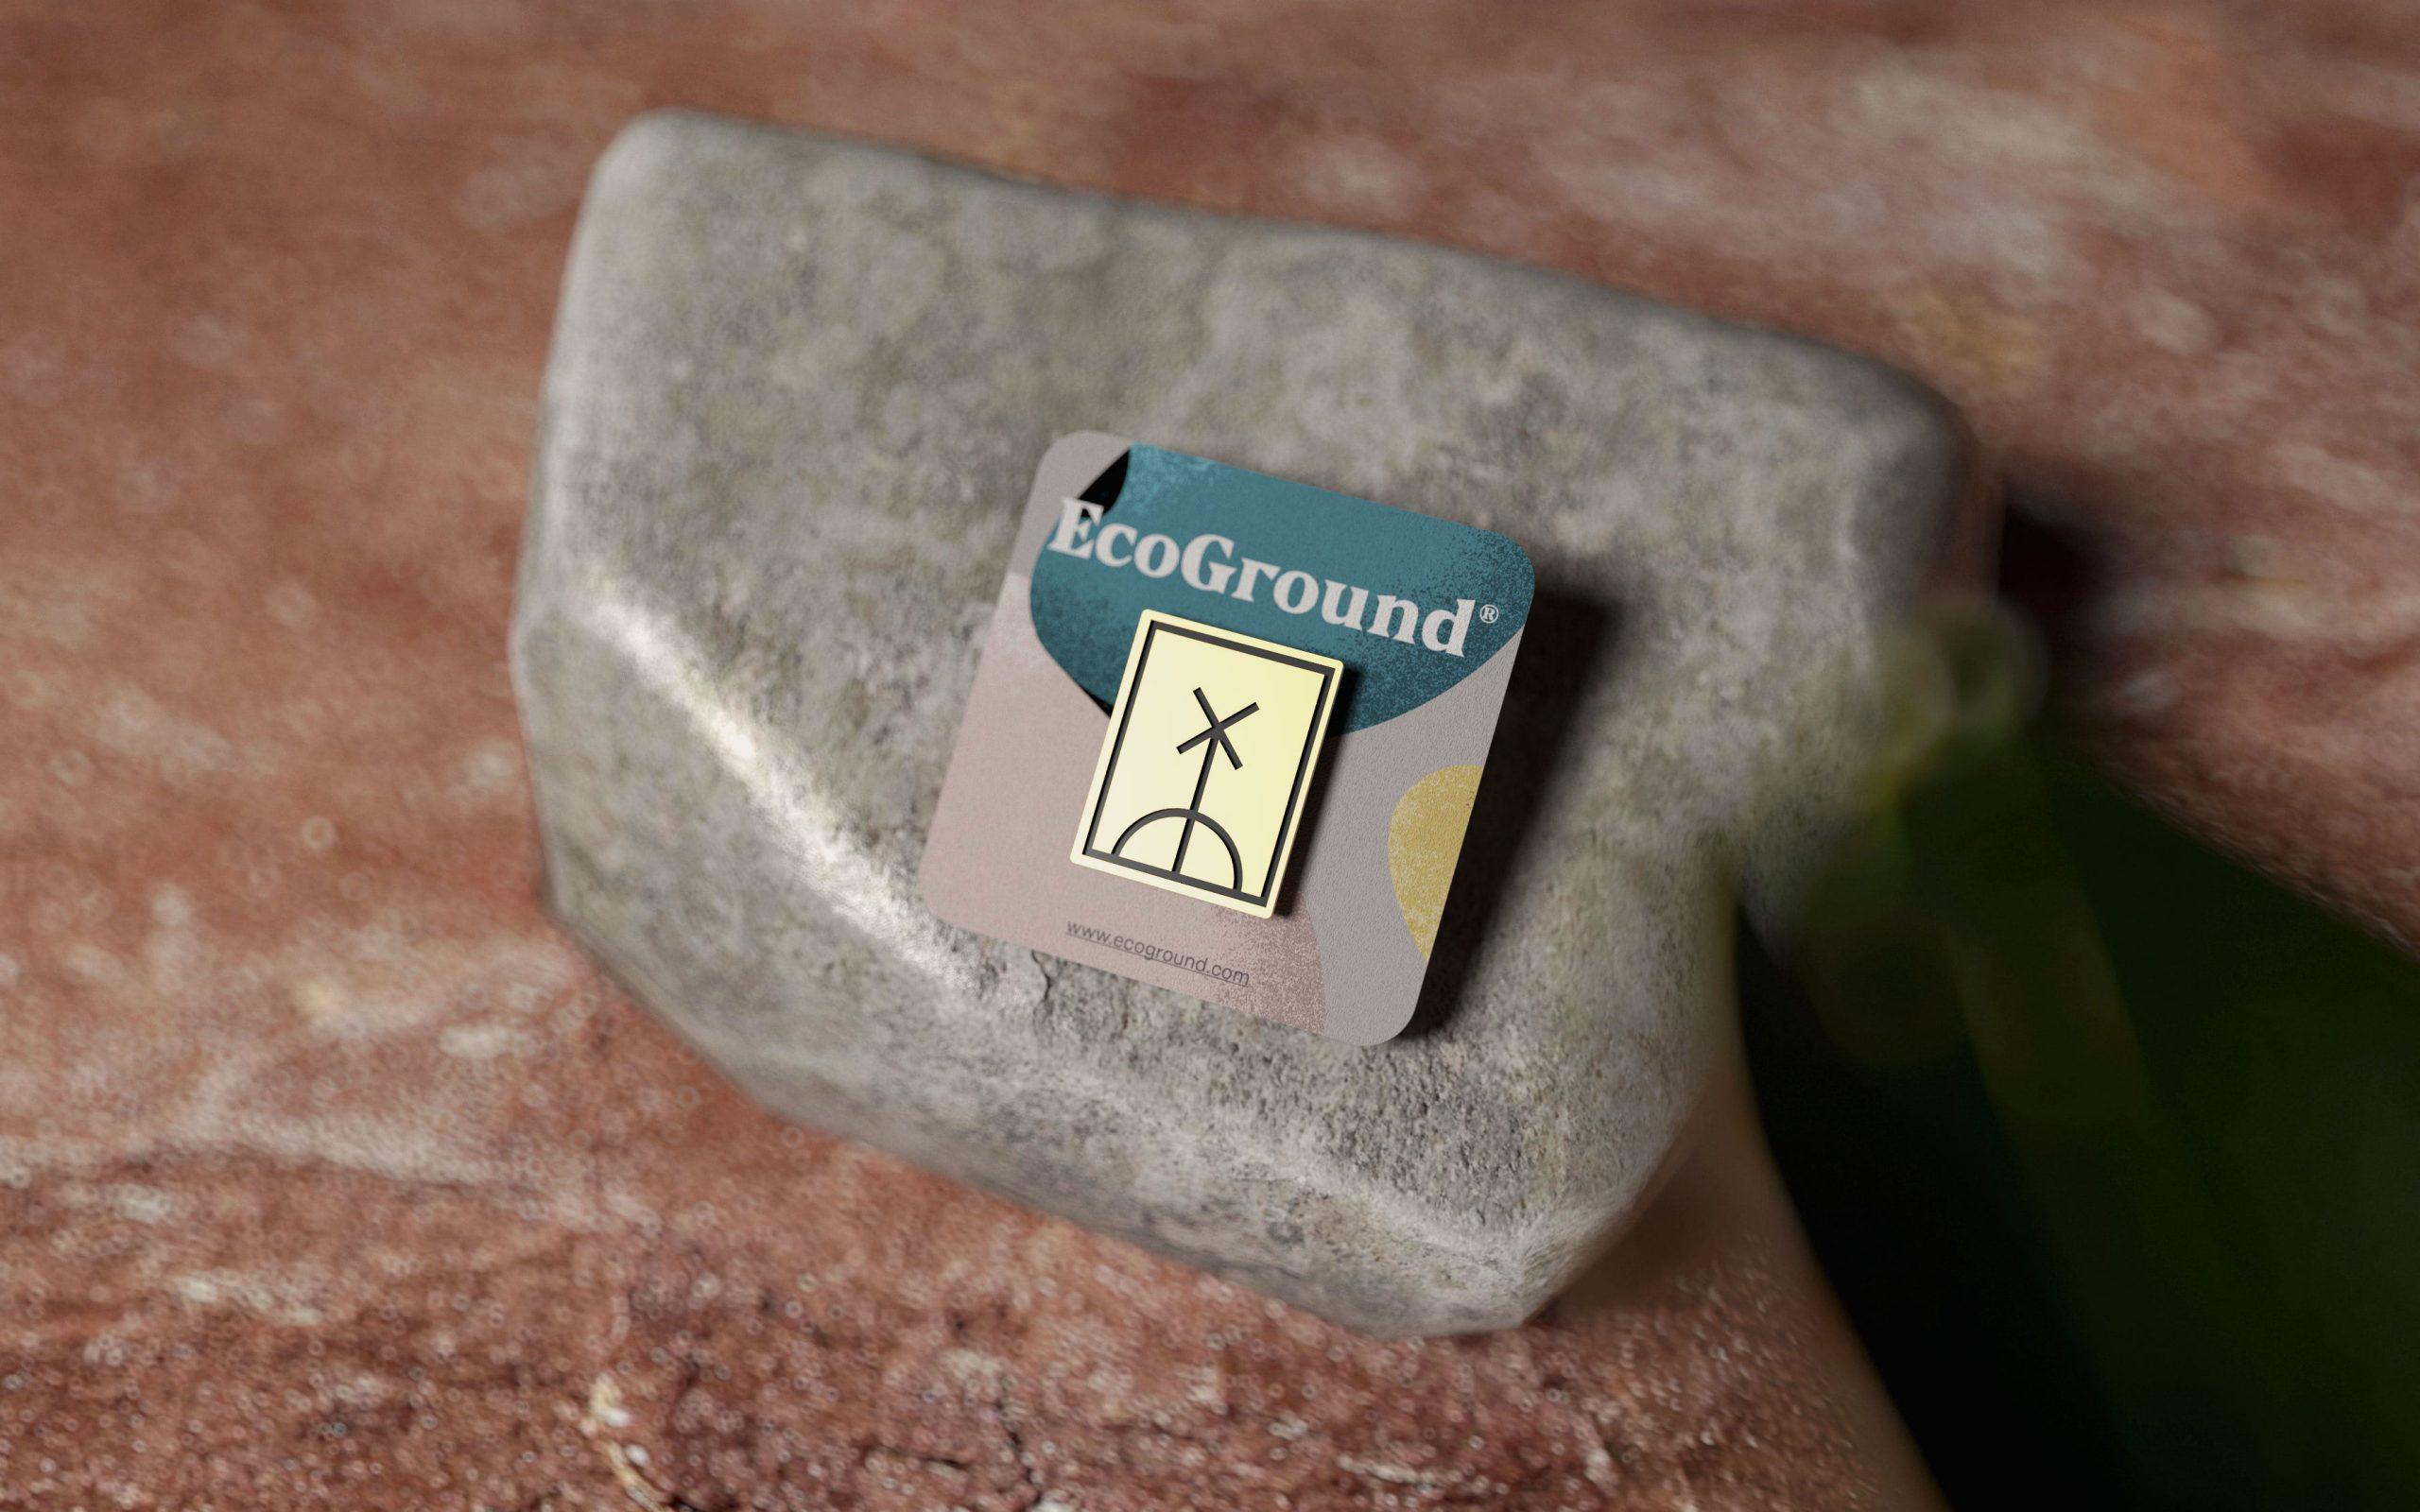 EcoGround-14